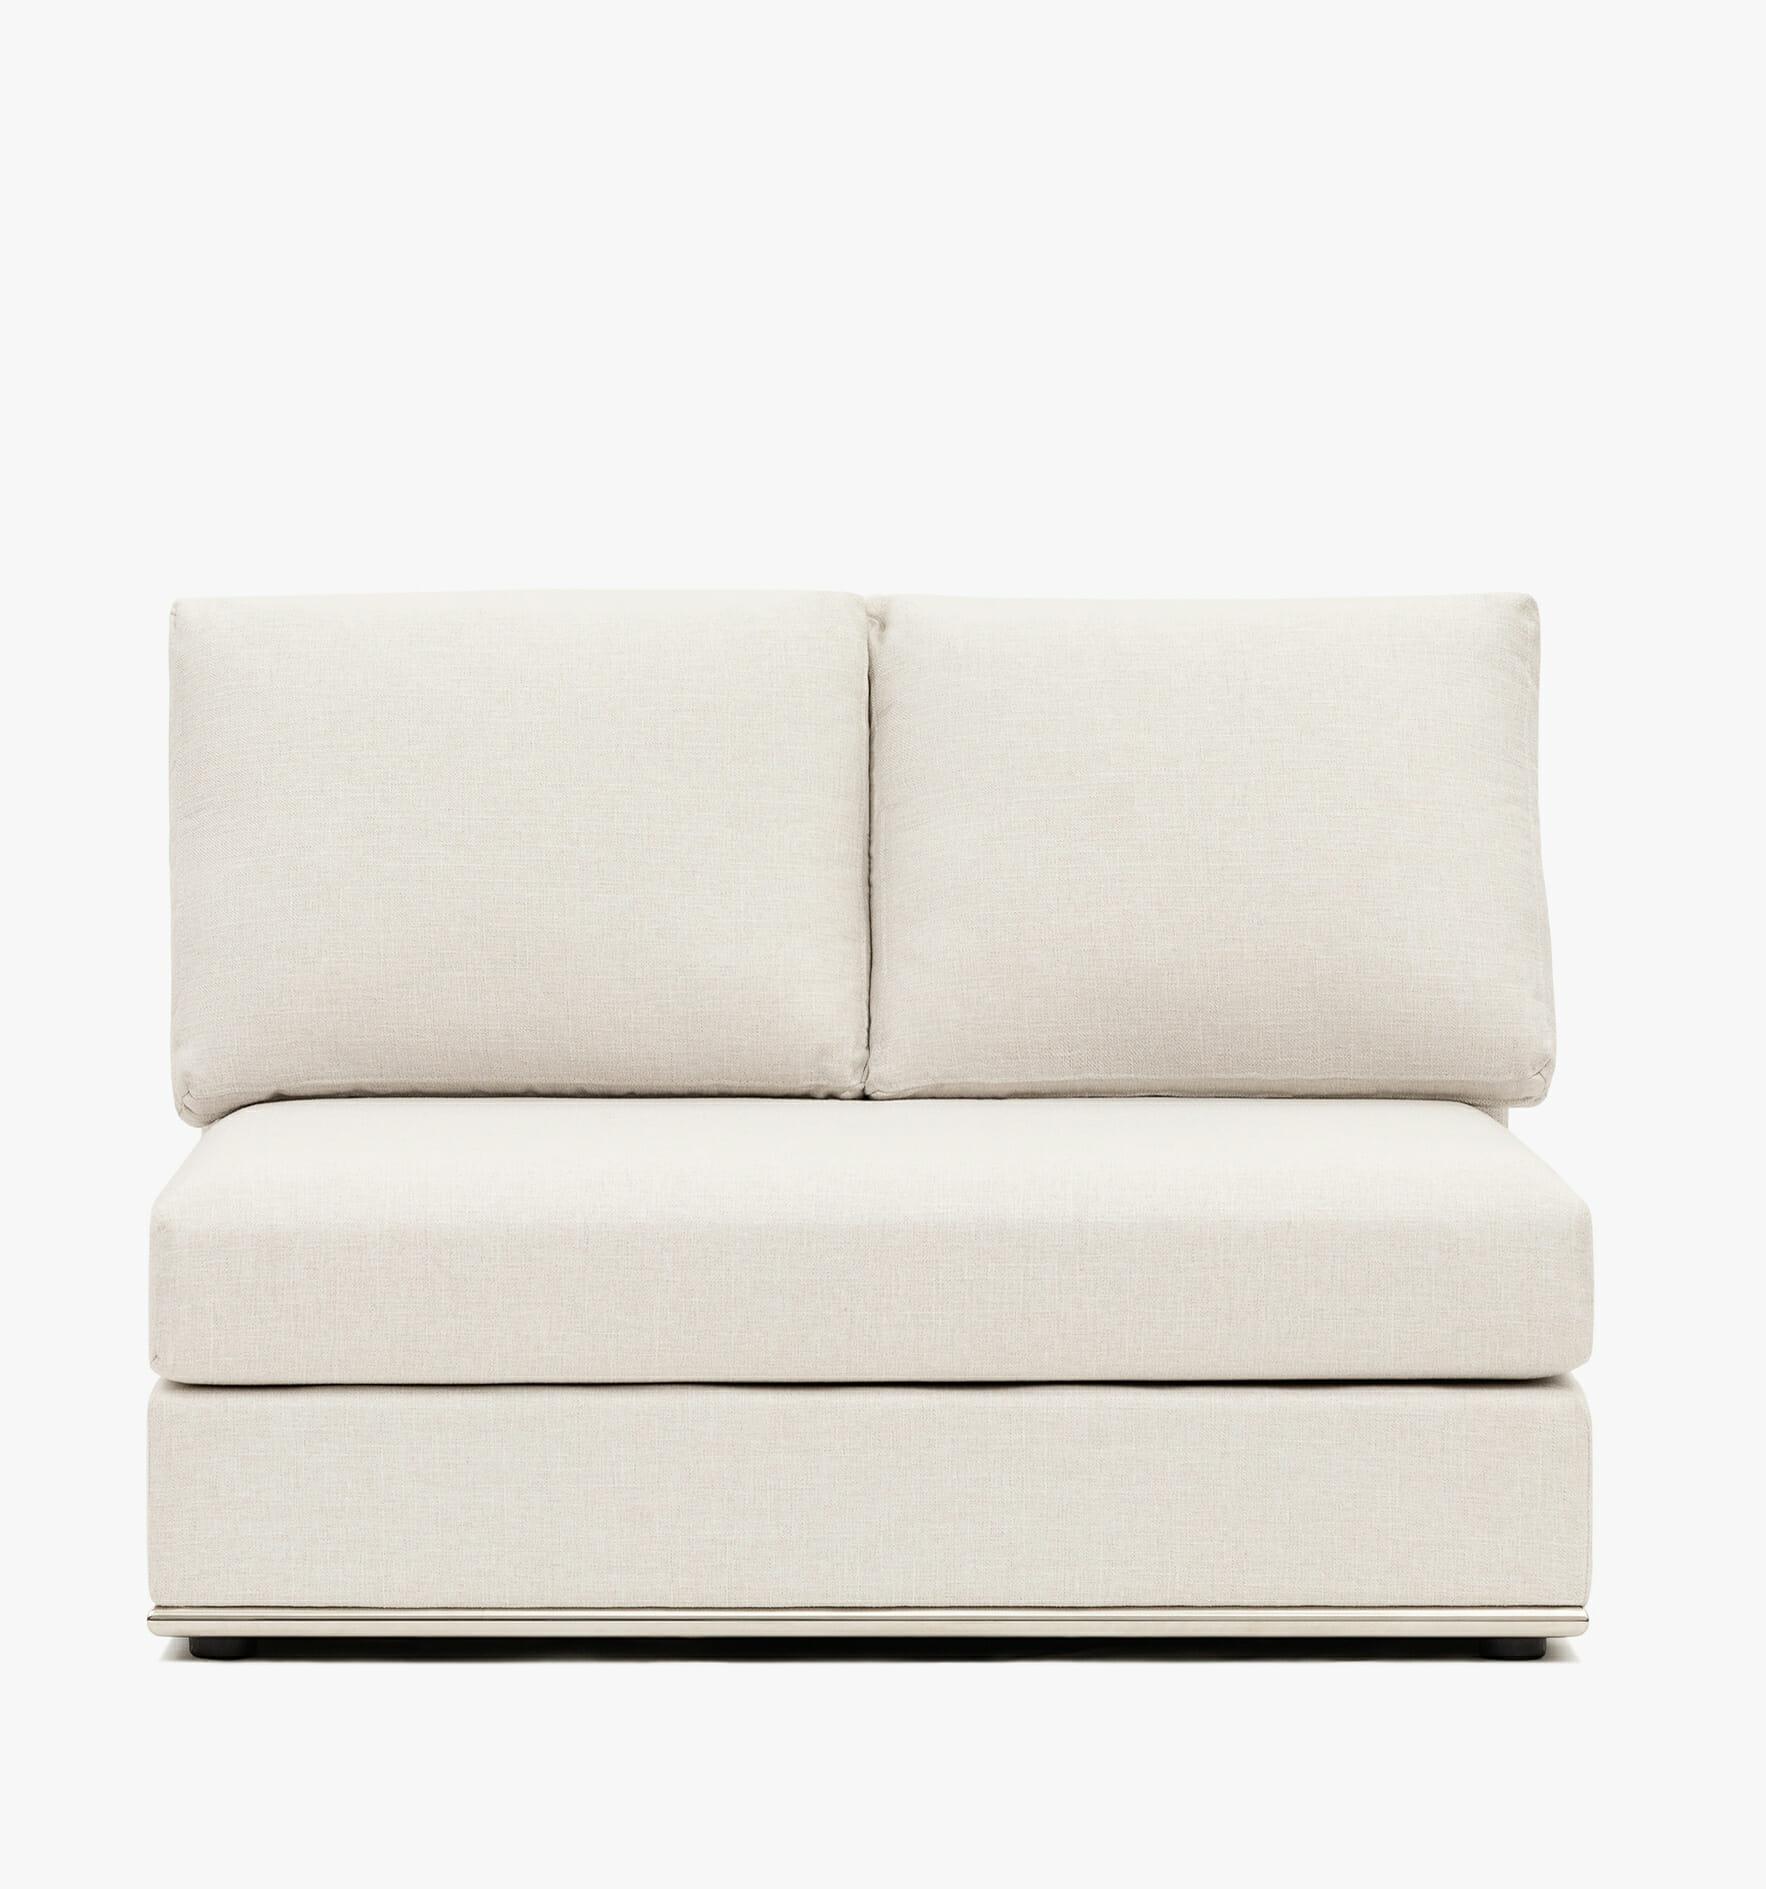 Flow Armless Chair